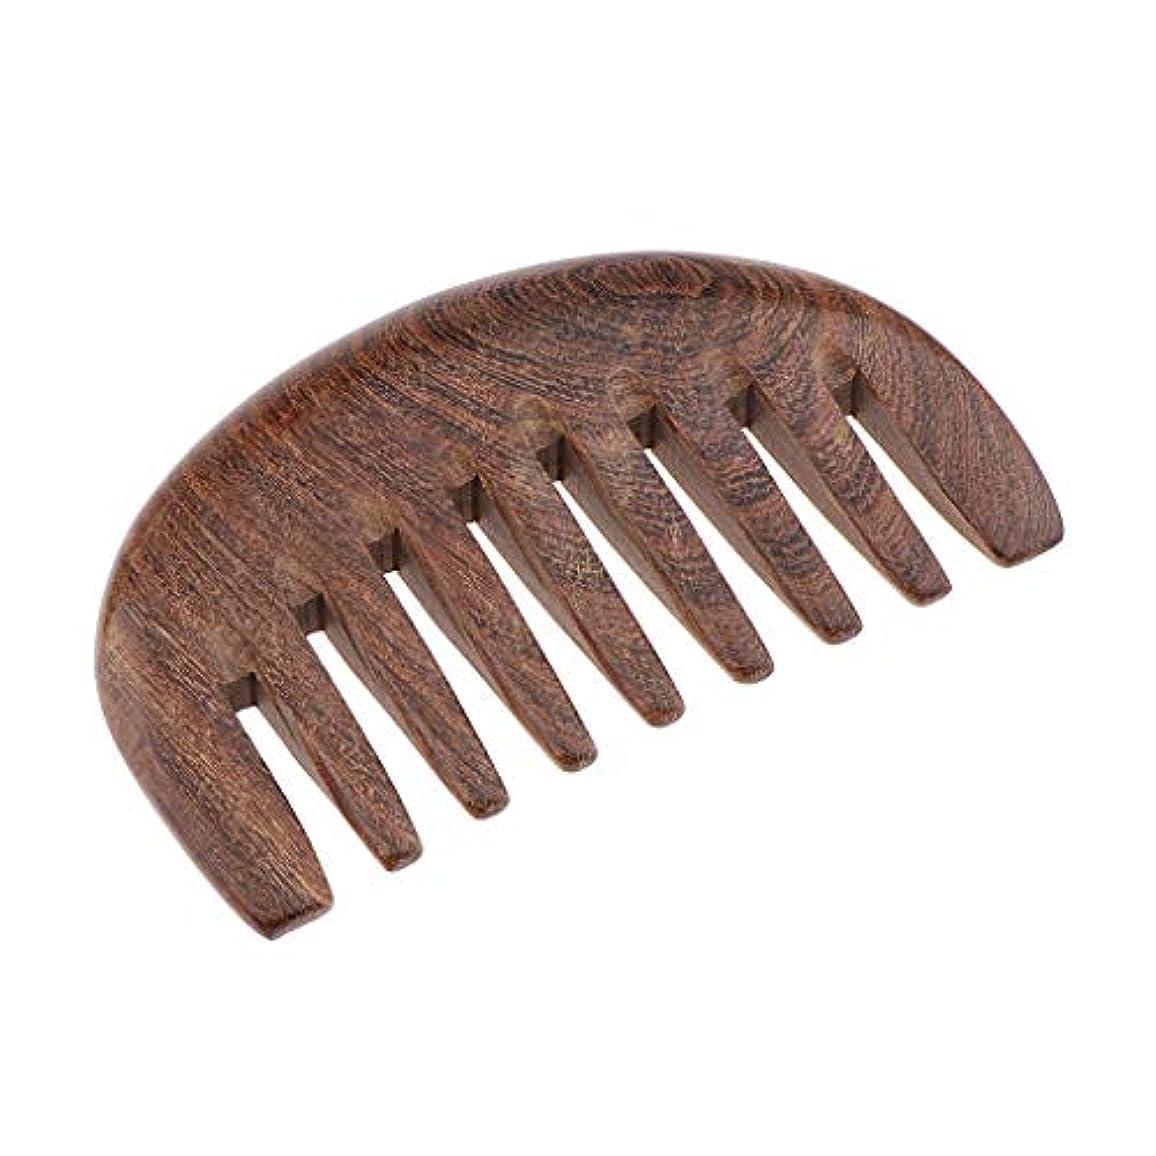 申し立てトチの実の木換気木製櫛 ヘアブラシ 帯電防止櫛 人間工学 3色選べ - クロロフォラ